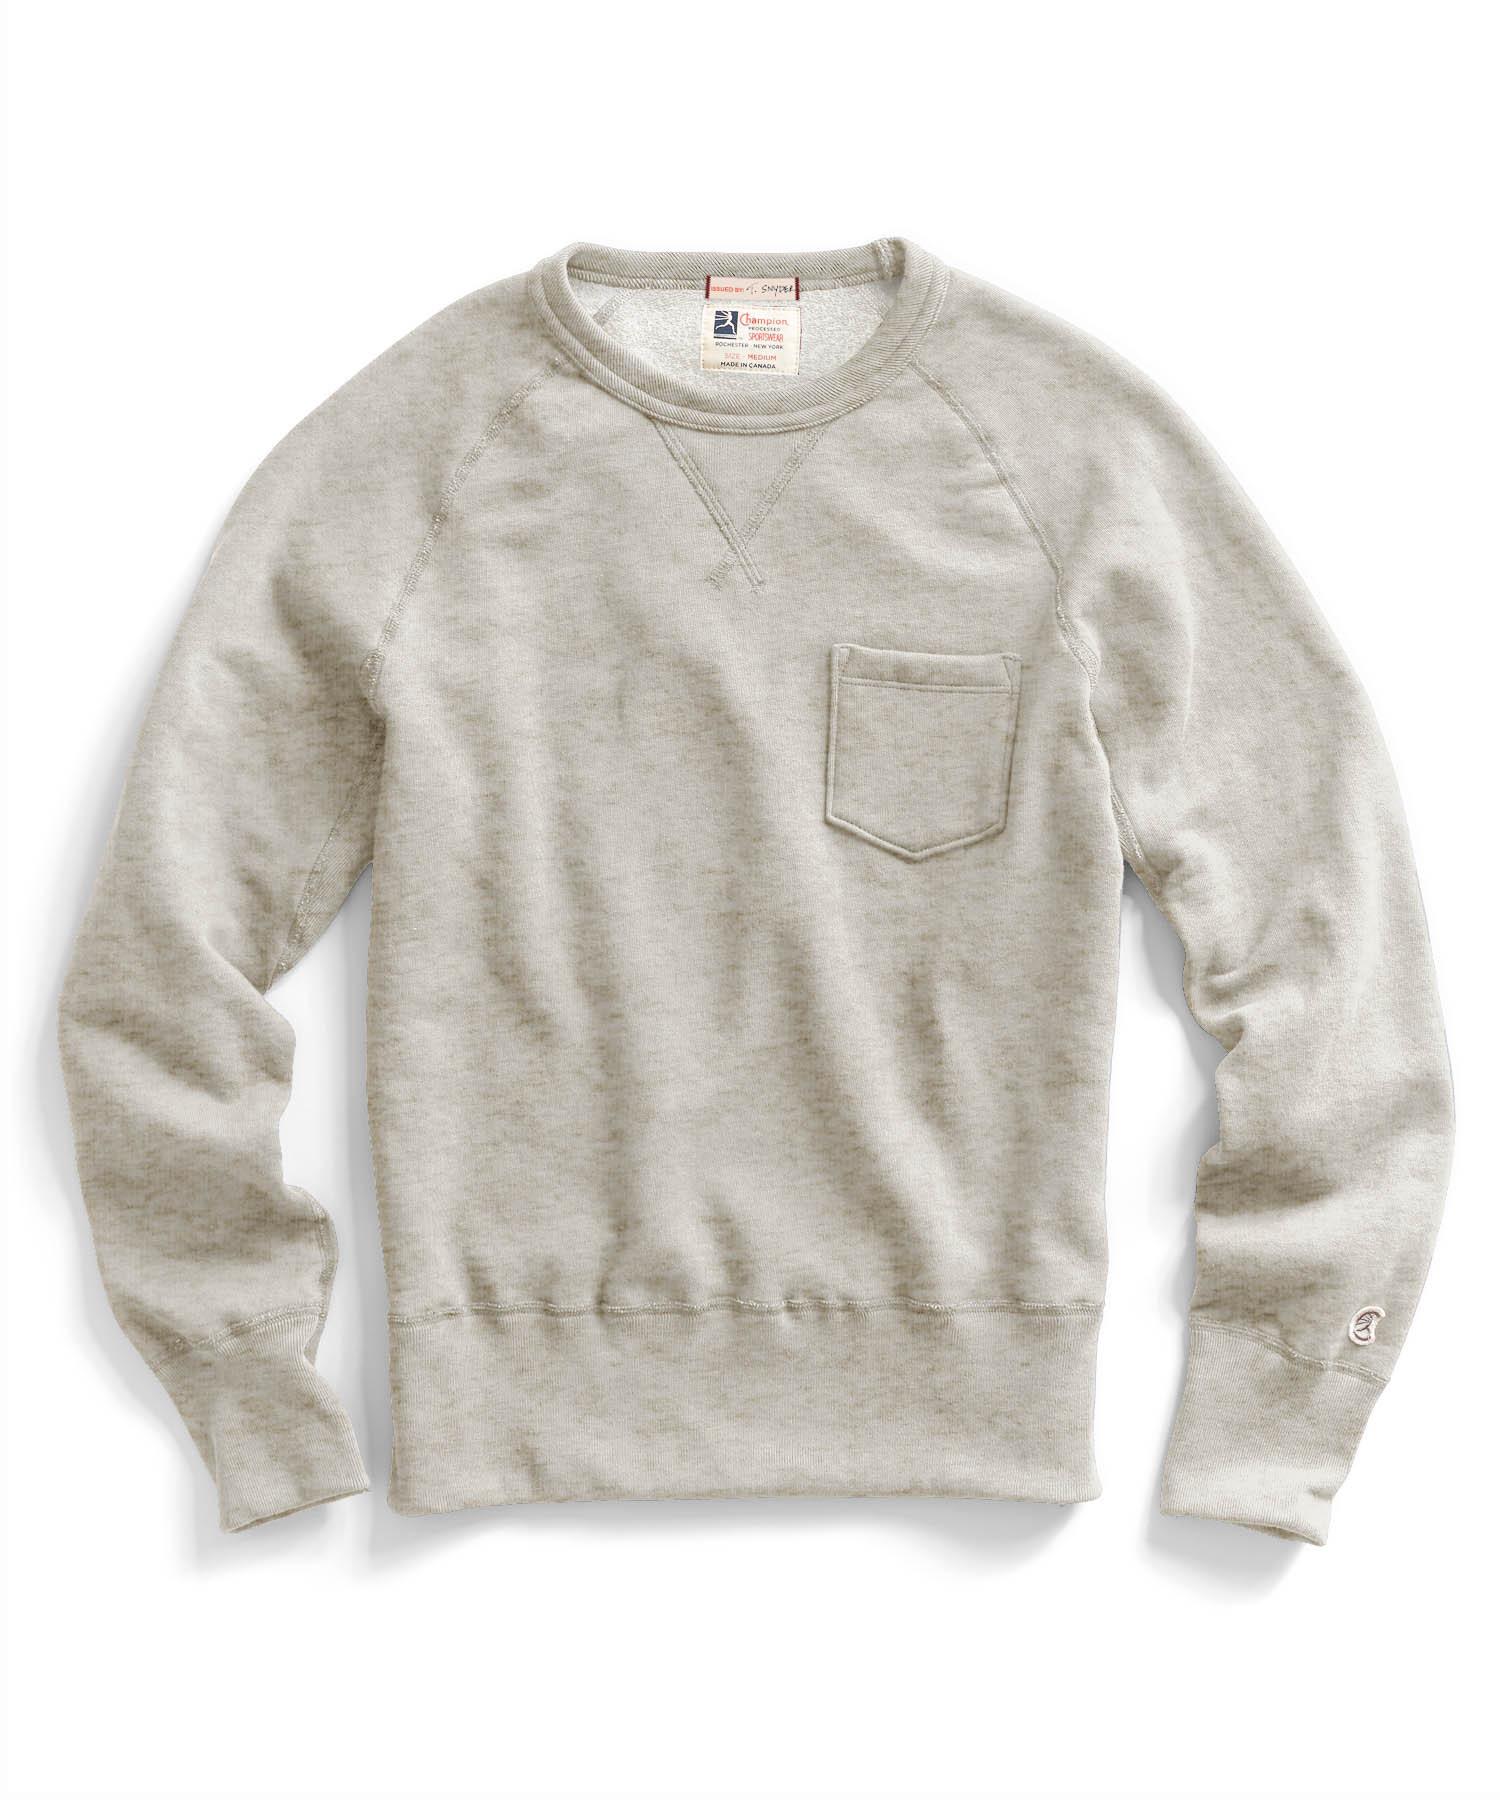 todd snyder pocket sweatshirt in oatmeal in natural for. Black Bedroom Furniture Sets. Home Design Ideas